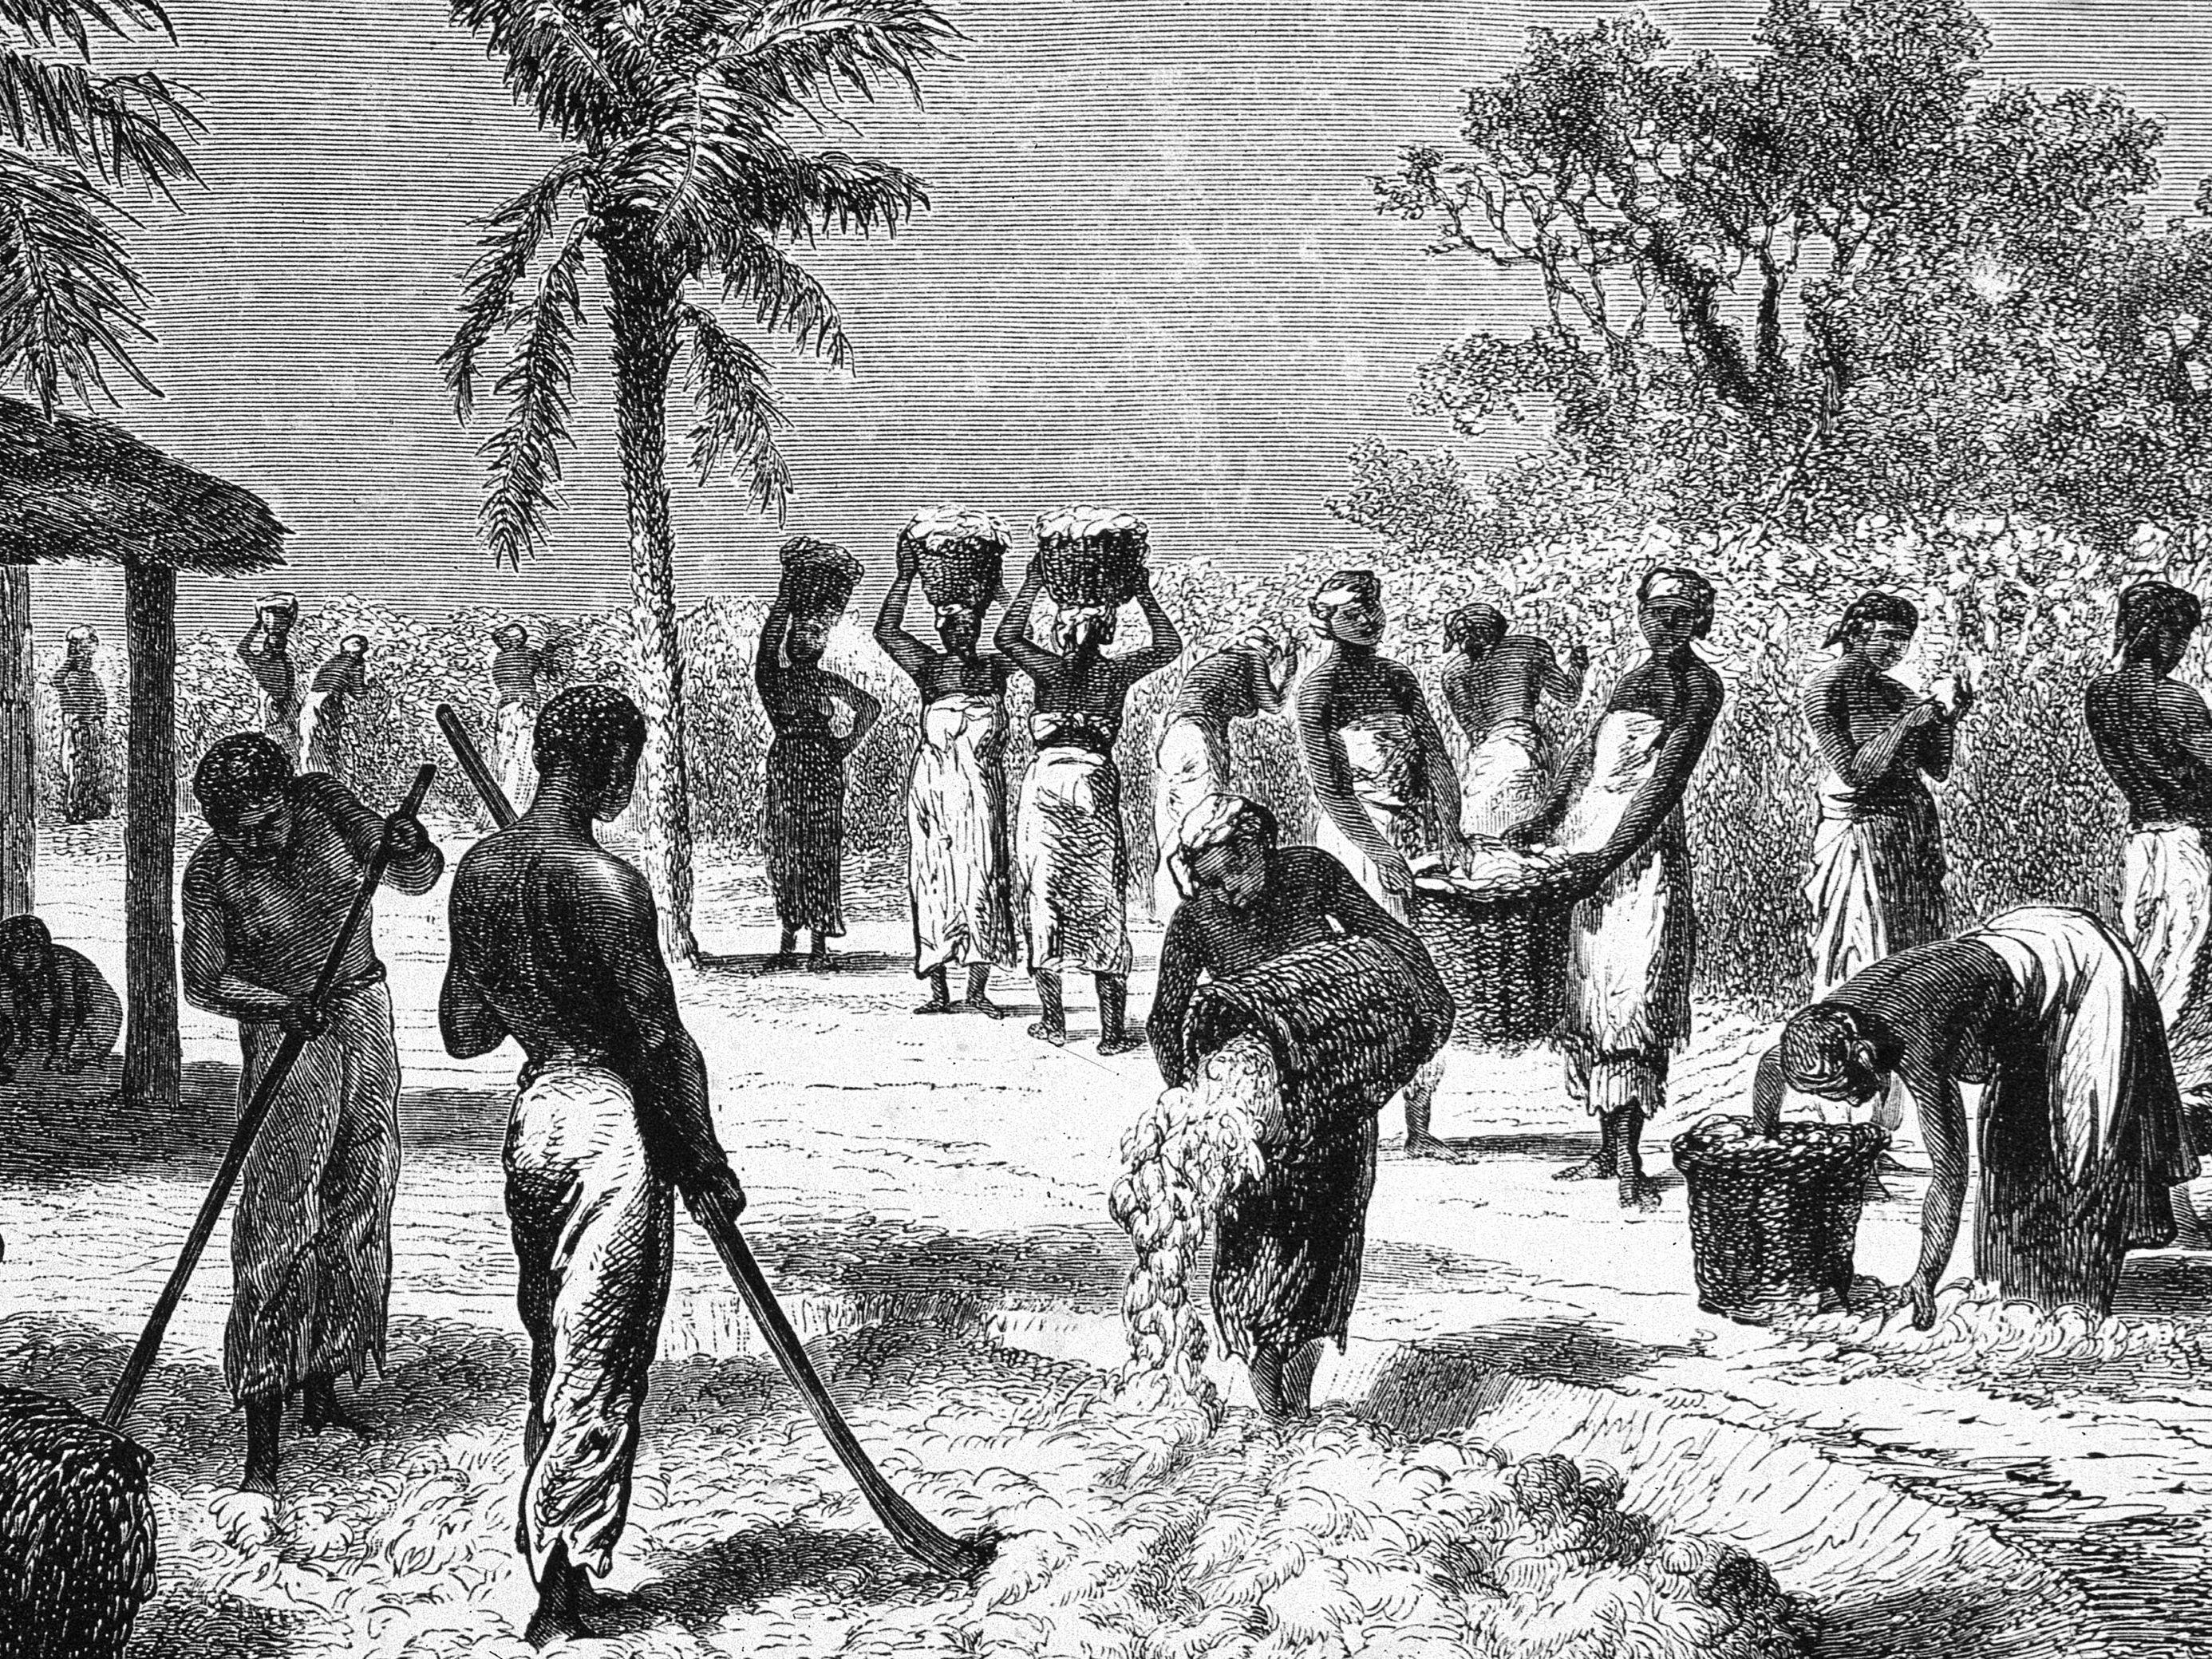 The Biography of a Revolutionary Fiber Cotton